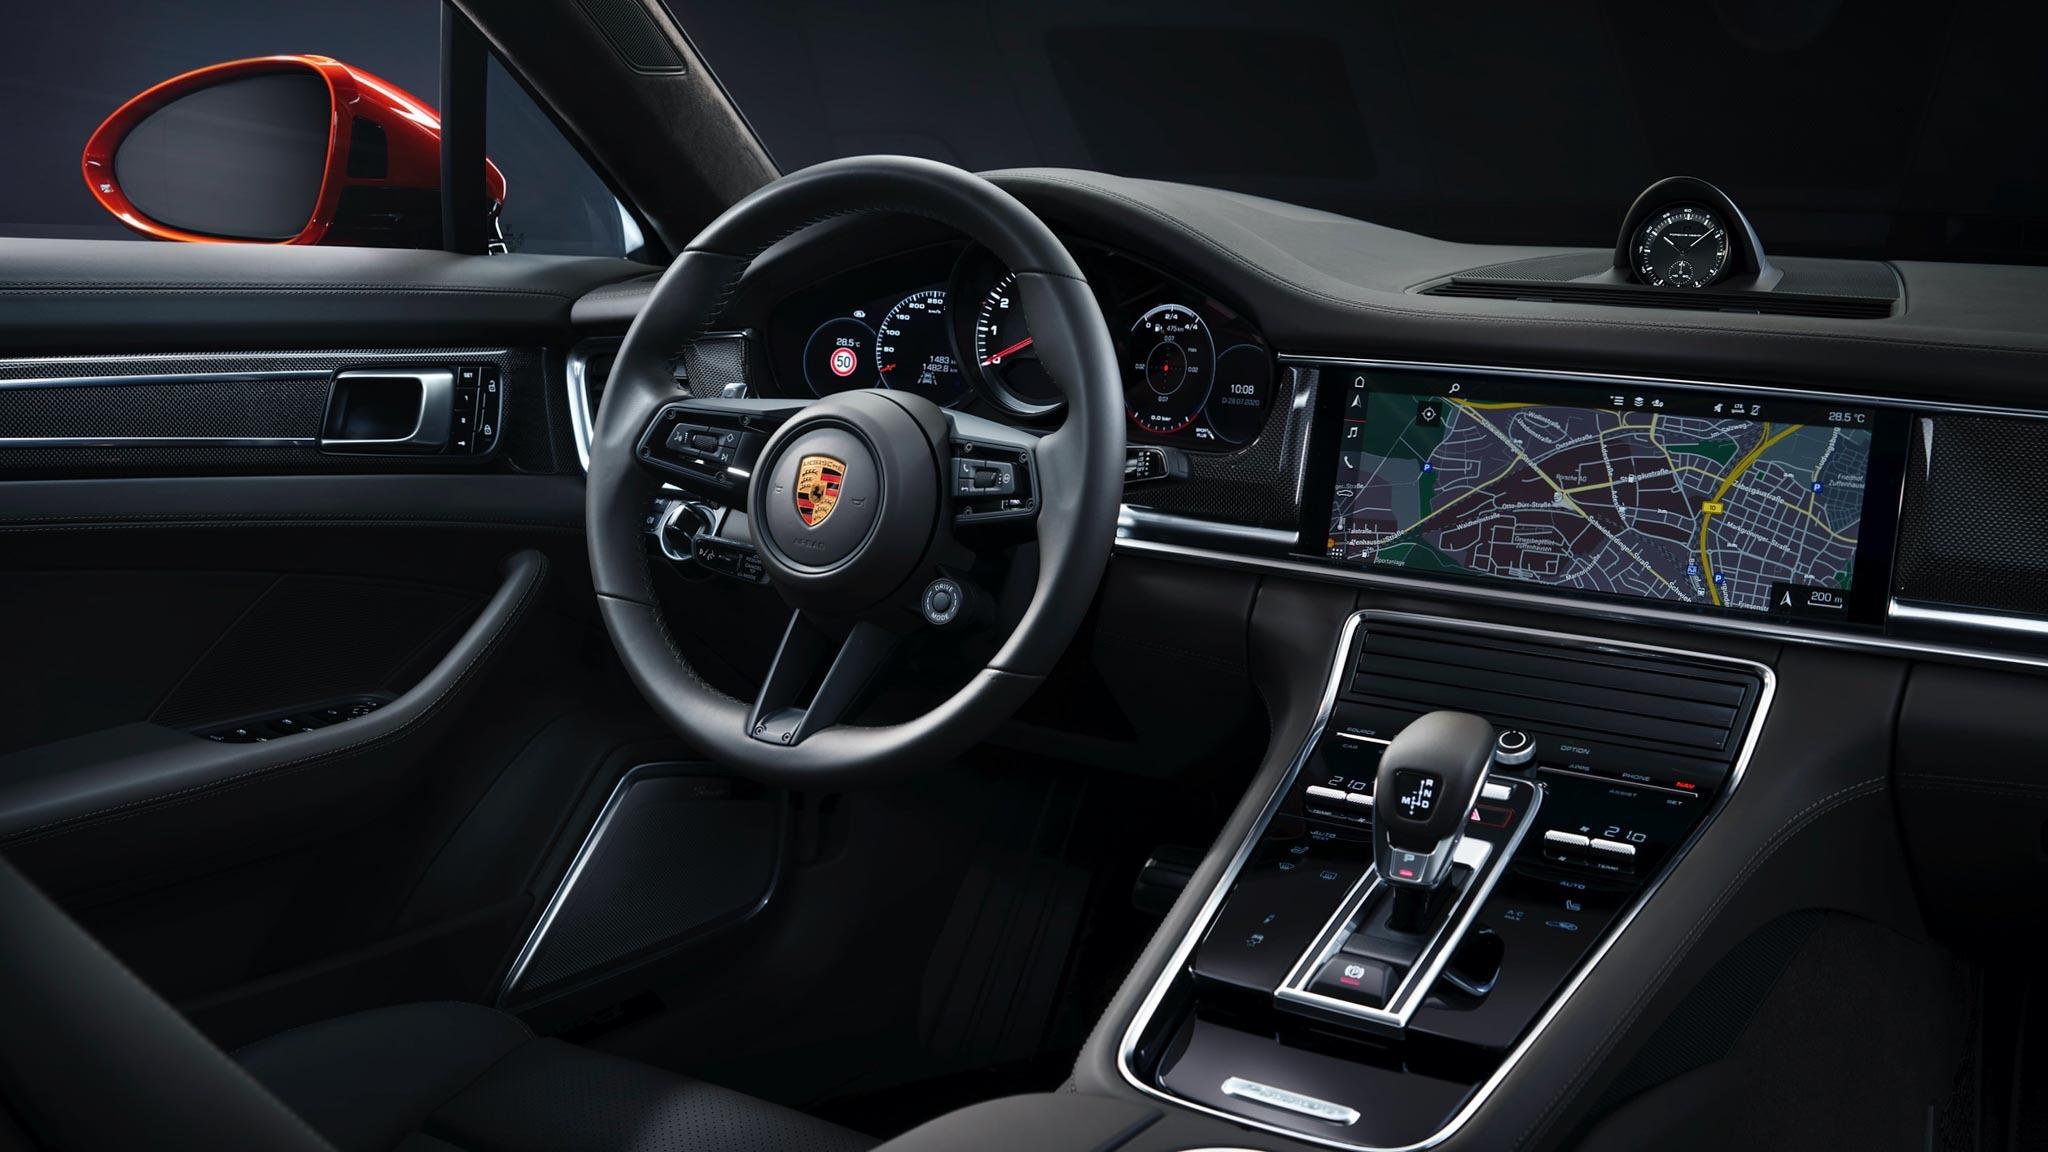 Siêu xe Porsche Panamera 2021 trình làng với nhiều nâng cấp